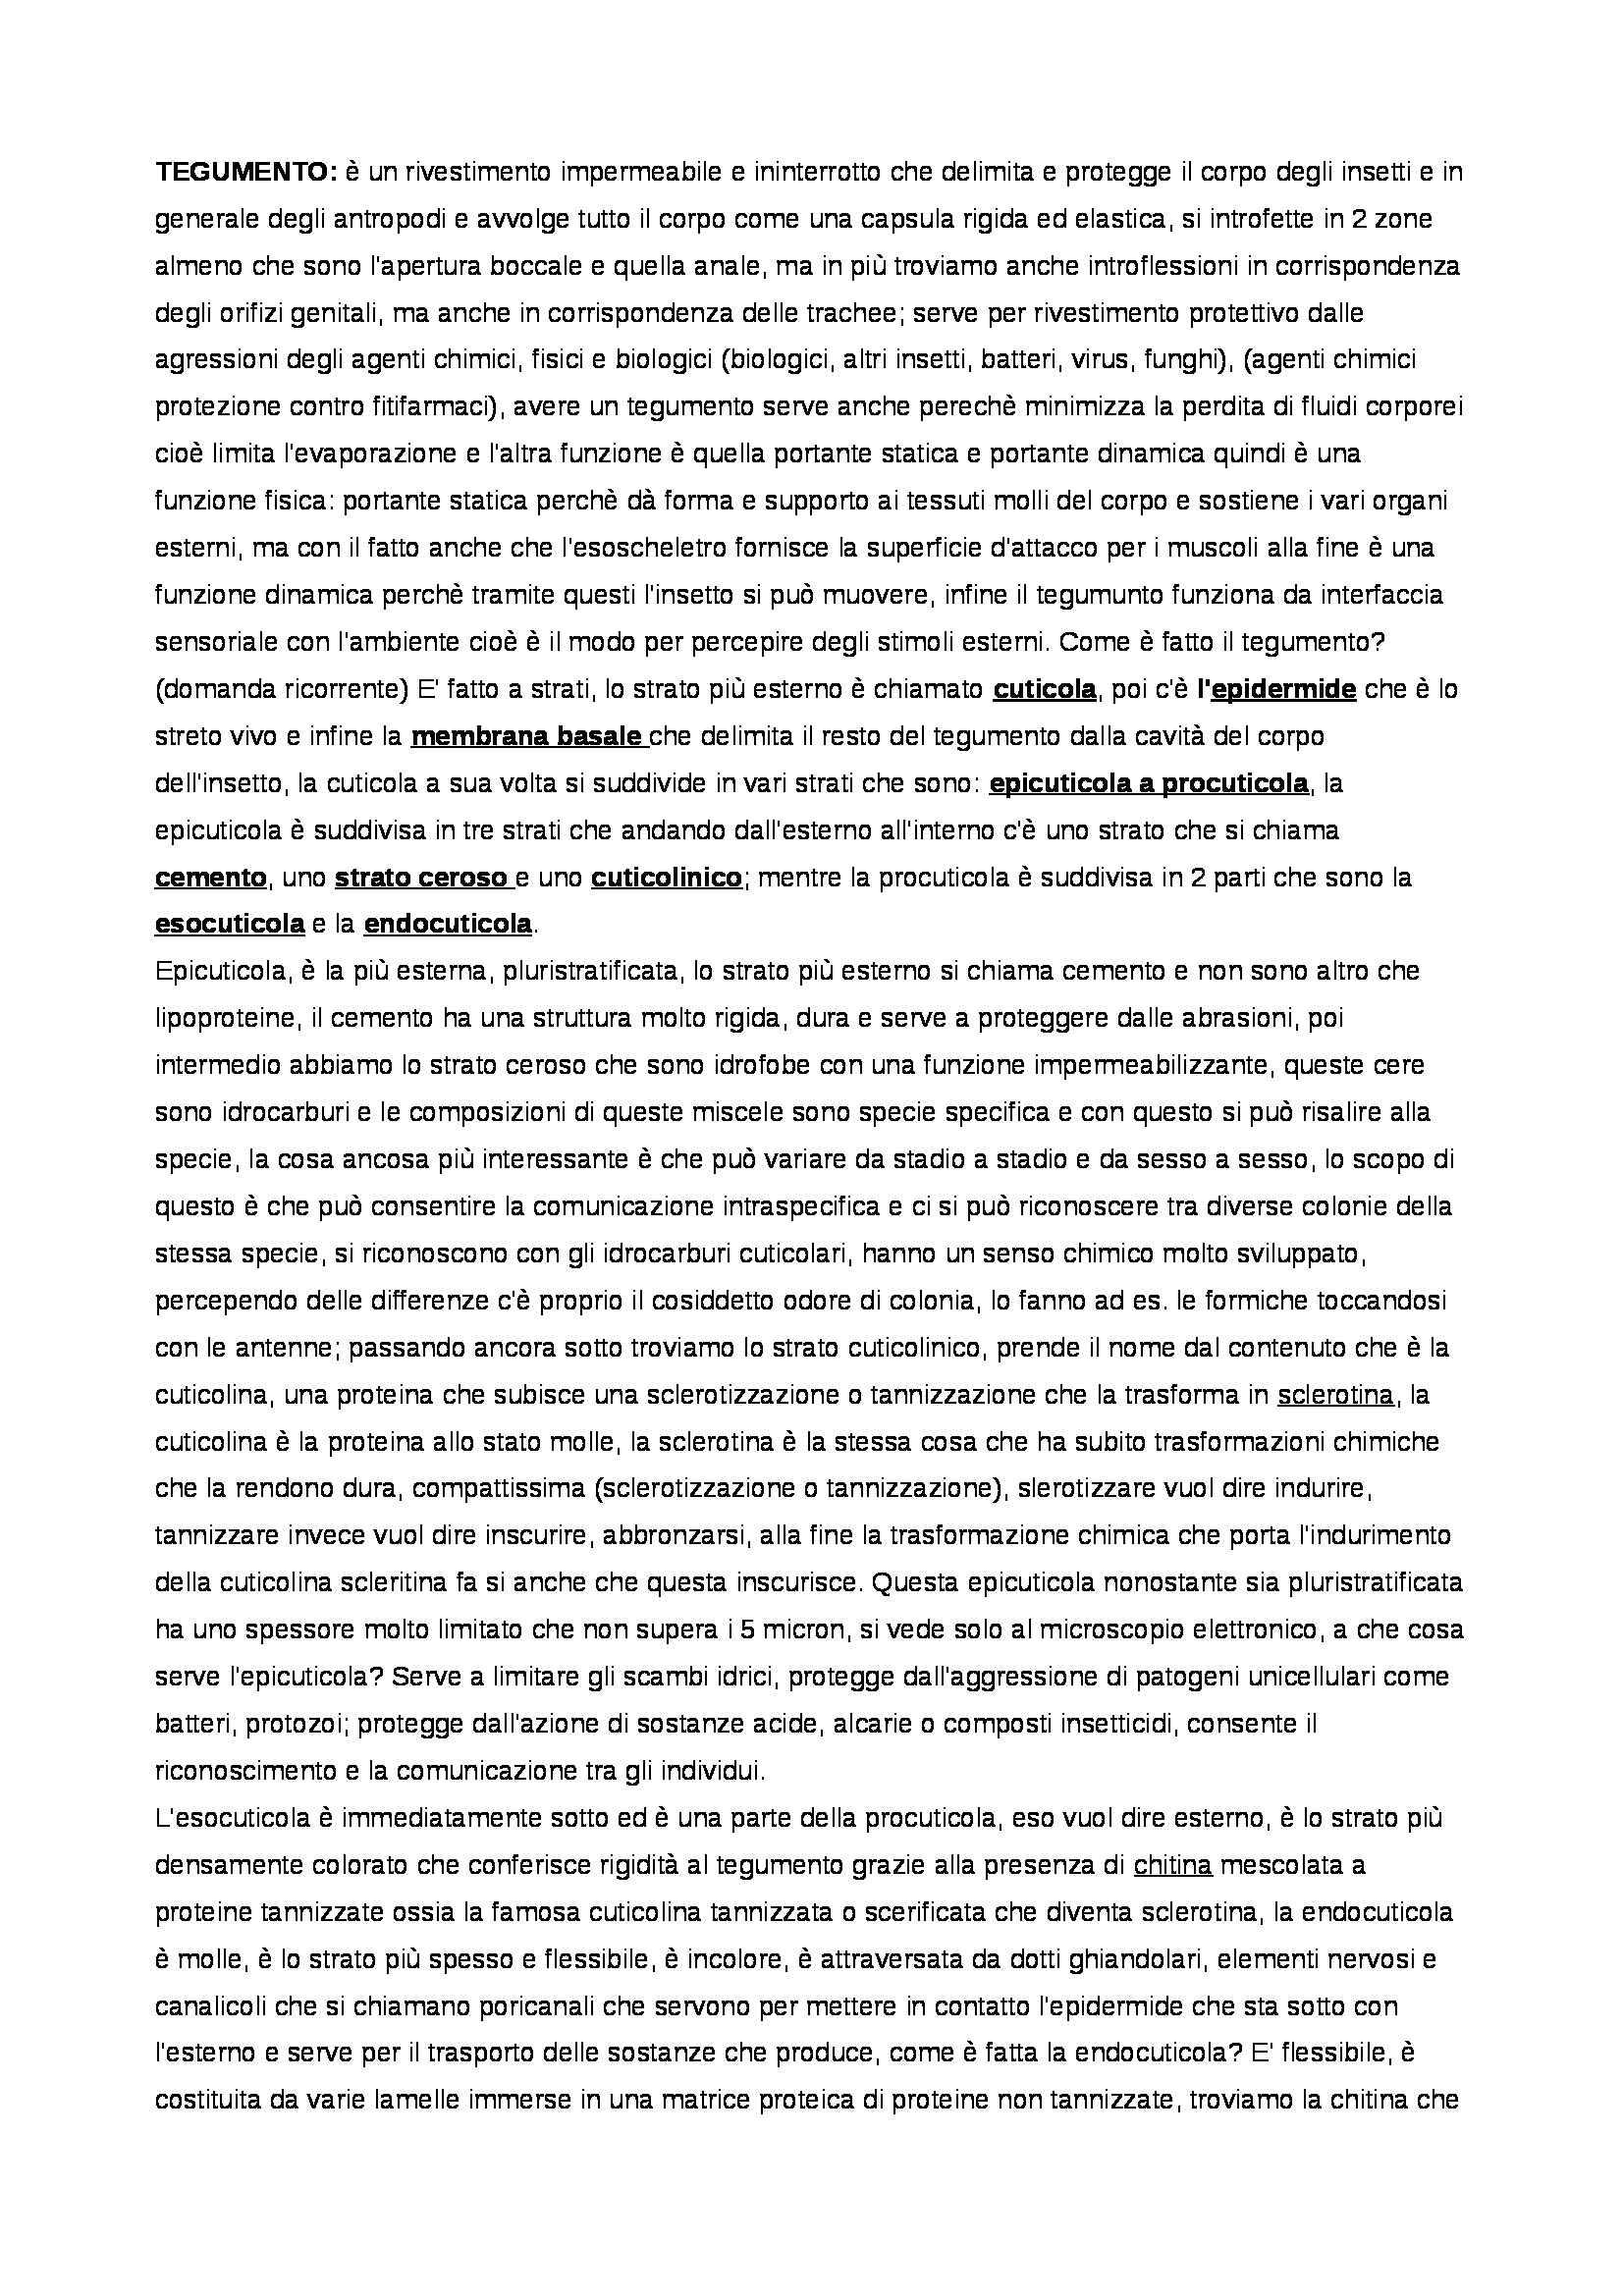 Entomologia - Appunti